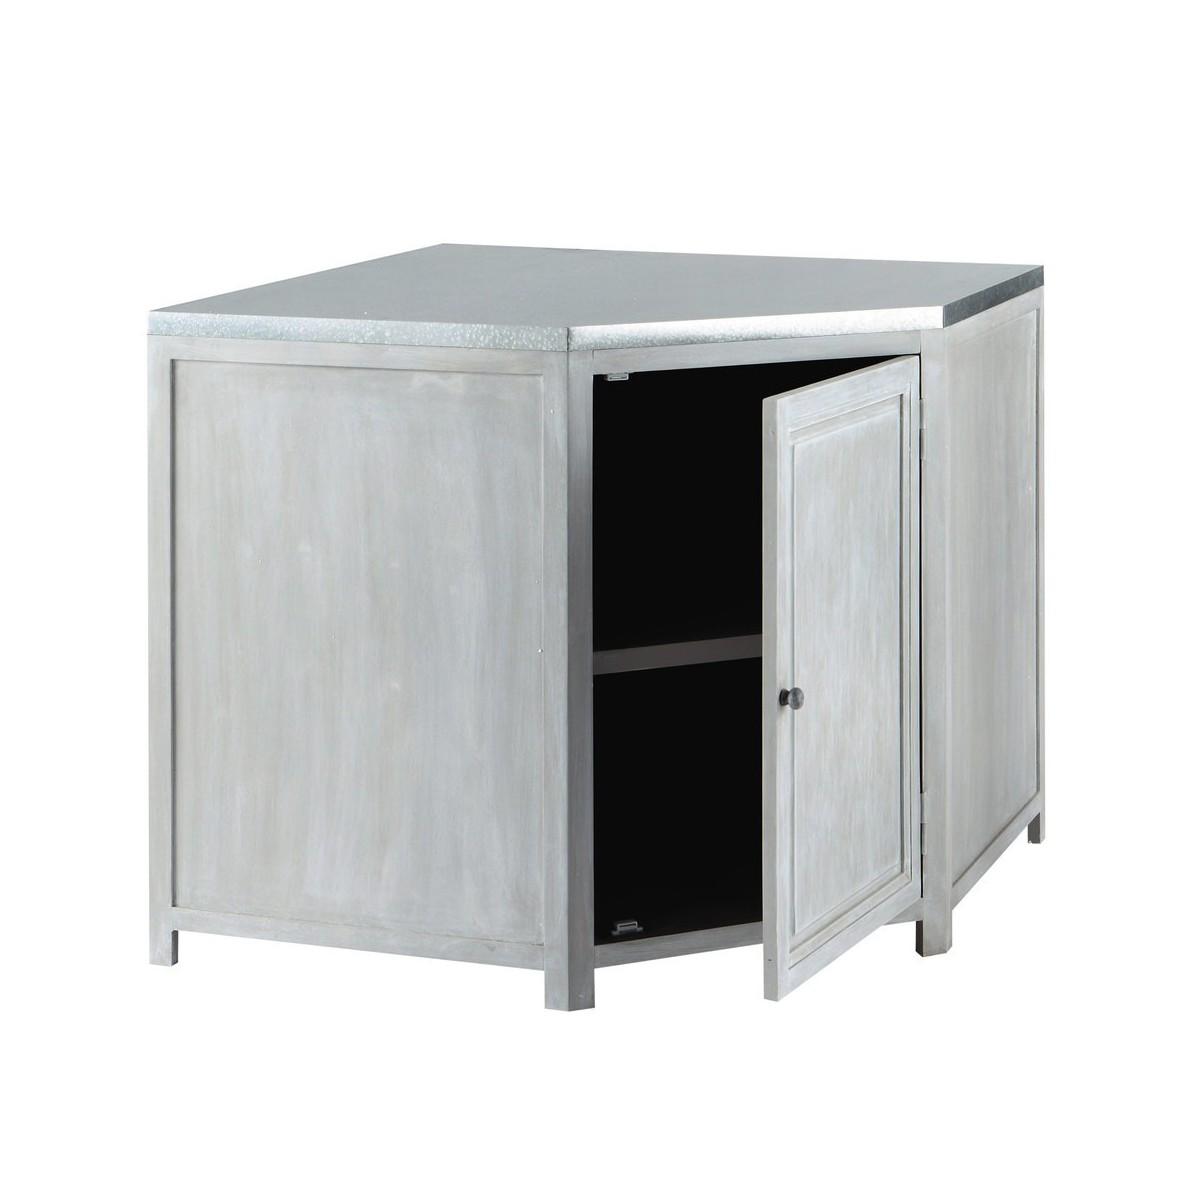 Meuble bas d 39 angle de cuisine en bois d 39 acacia gris l 99 cm for Meuble bas 30 cm cuisine